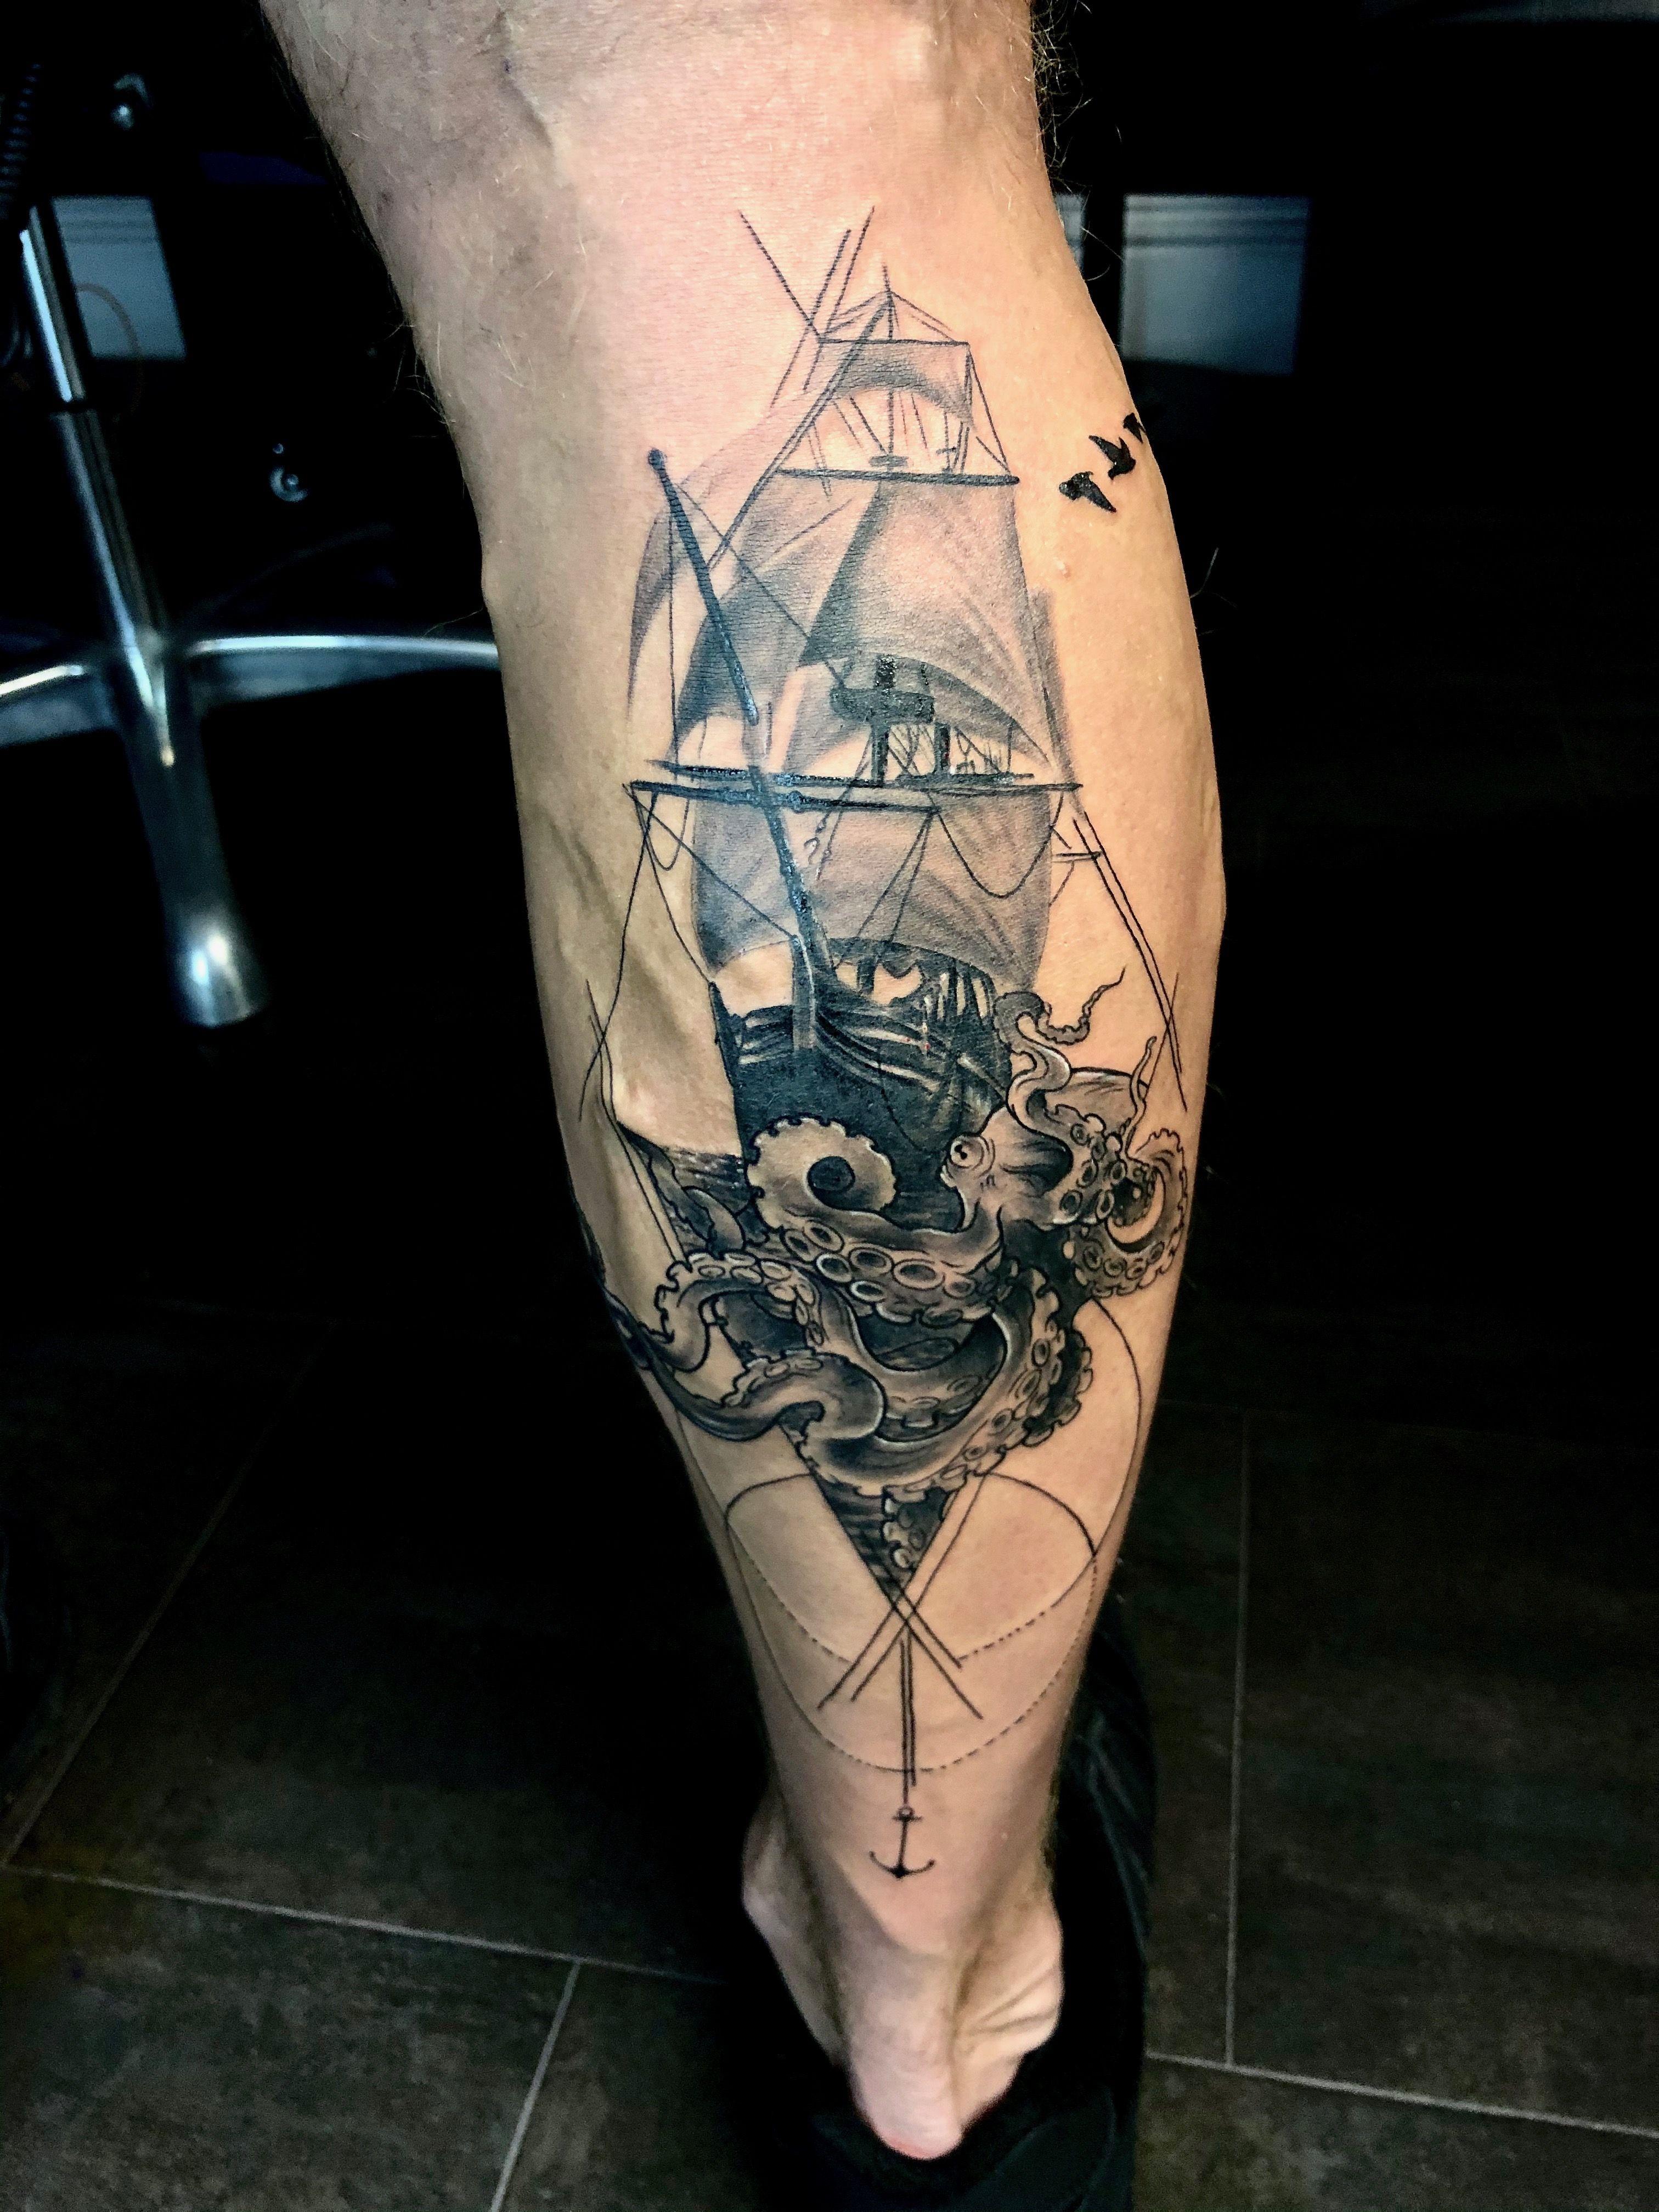 Pin by Alex Leake on Tattoo's Tattoos, Ship tattoo, Ink